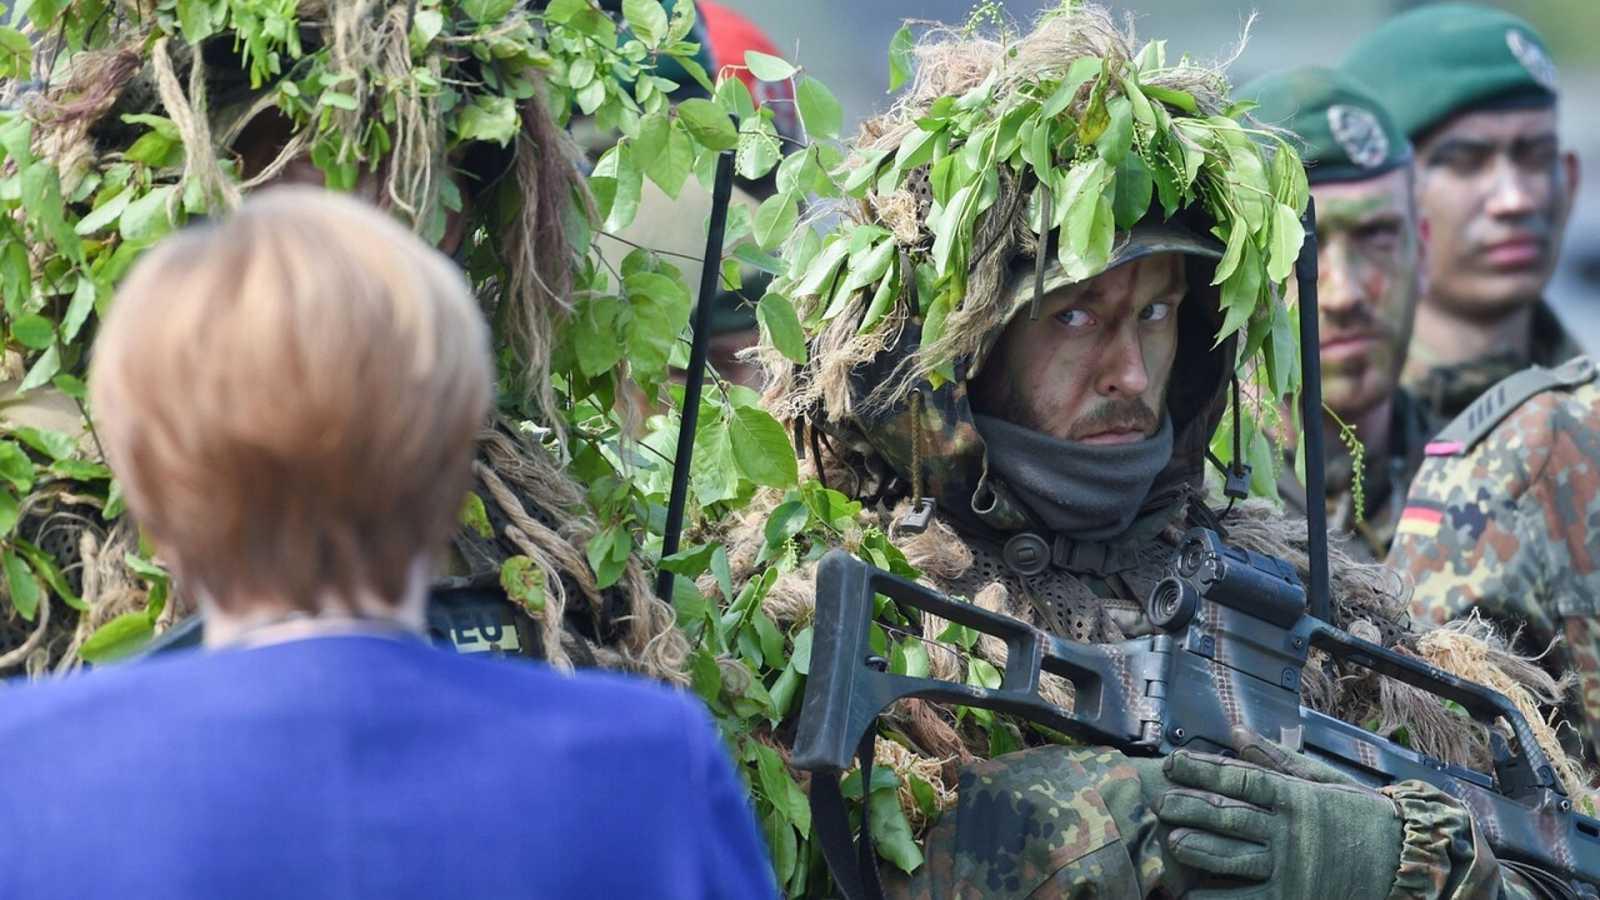 Imagen de archivo de la canciller alemana, Angela Merkel, pasando revista a tropas alemanas que forman parte de una fuerza colectiva de la OTAN: Foto: PATRIK STOLLARZ / AFP